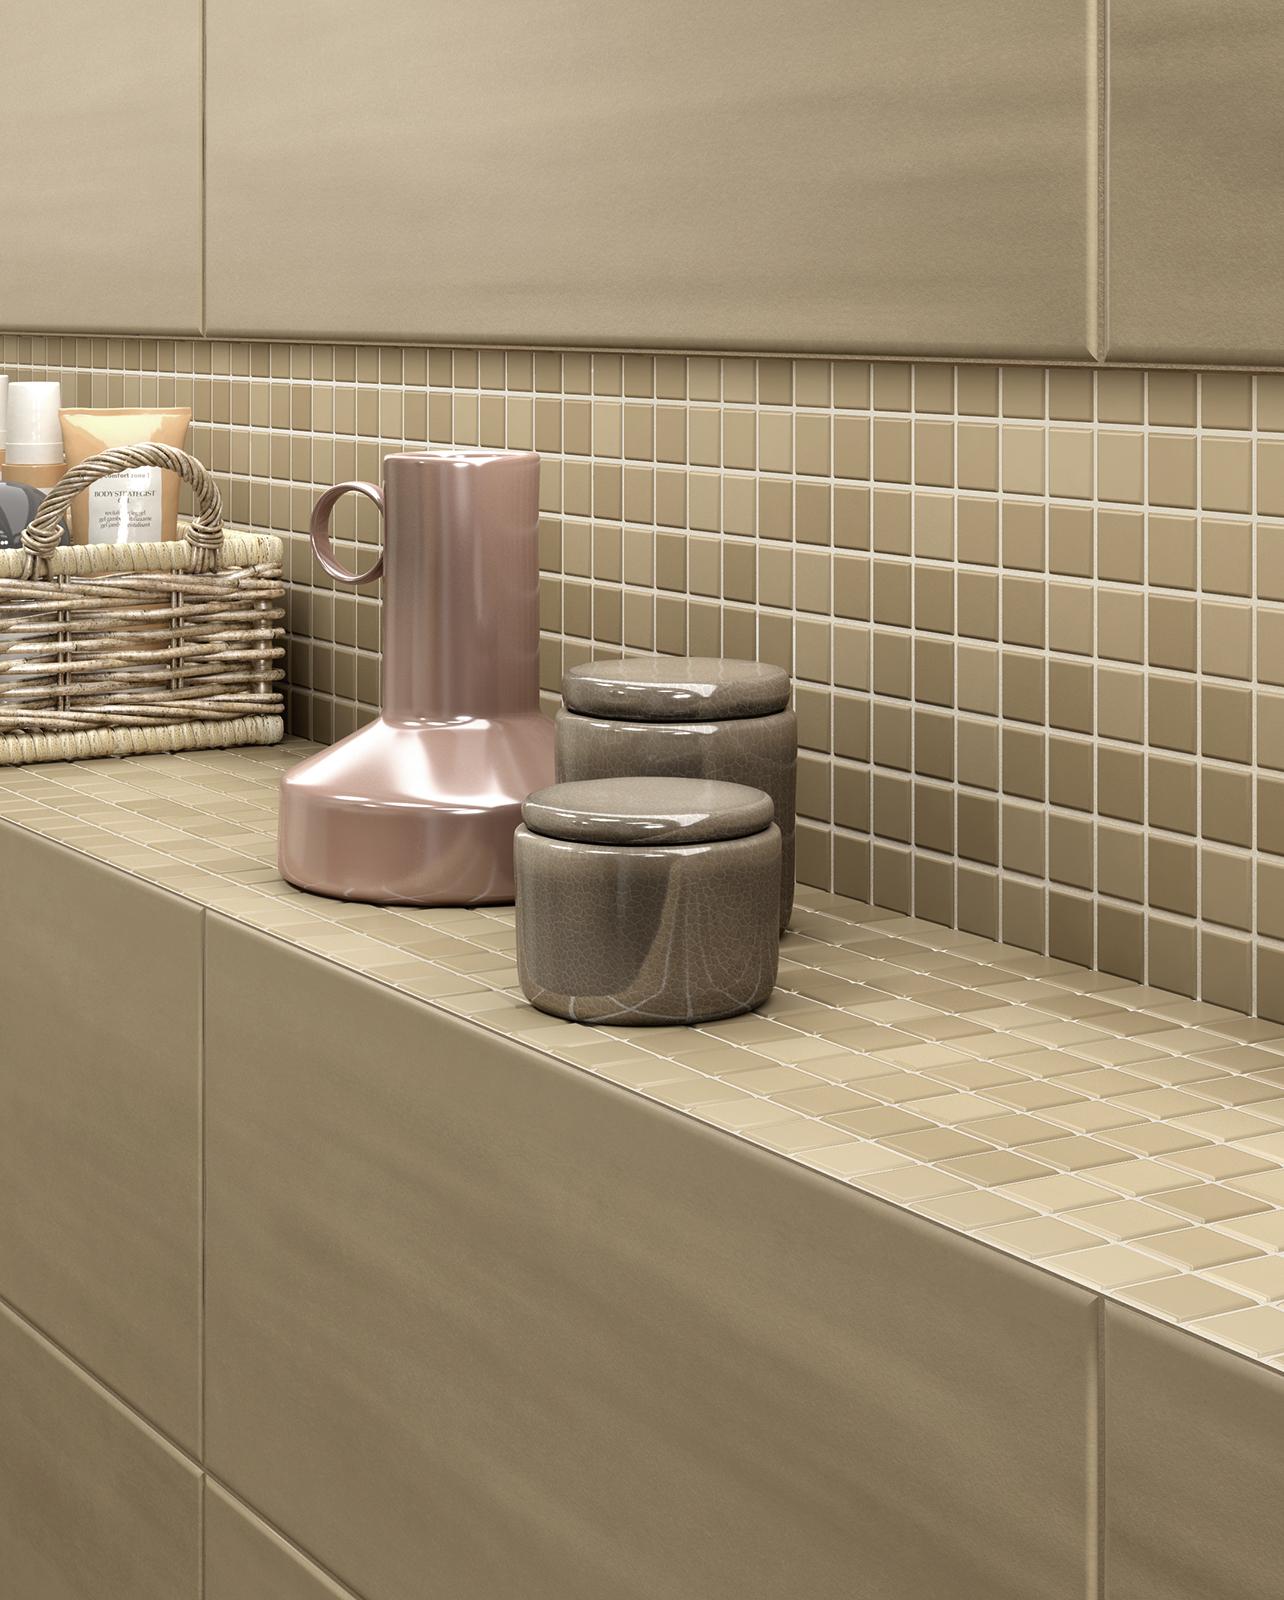 Piastrelle a mosaico per bagno e altri ambienti marazzi - Mosaico per cucina ...